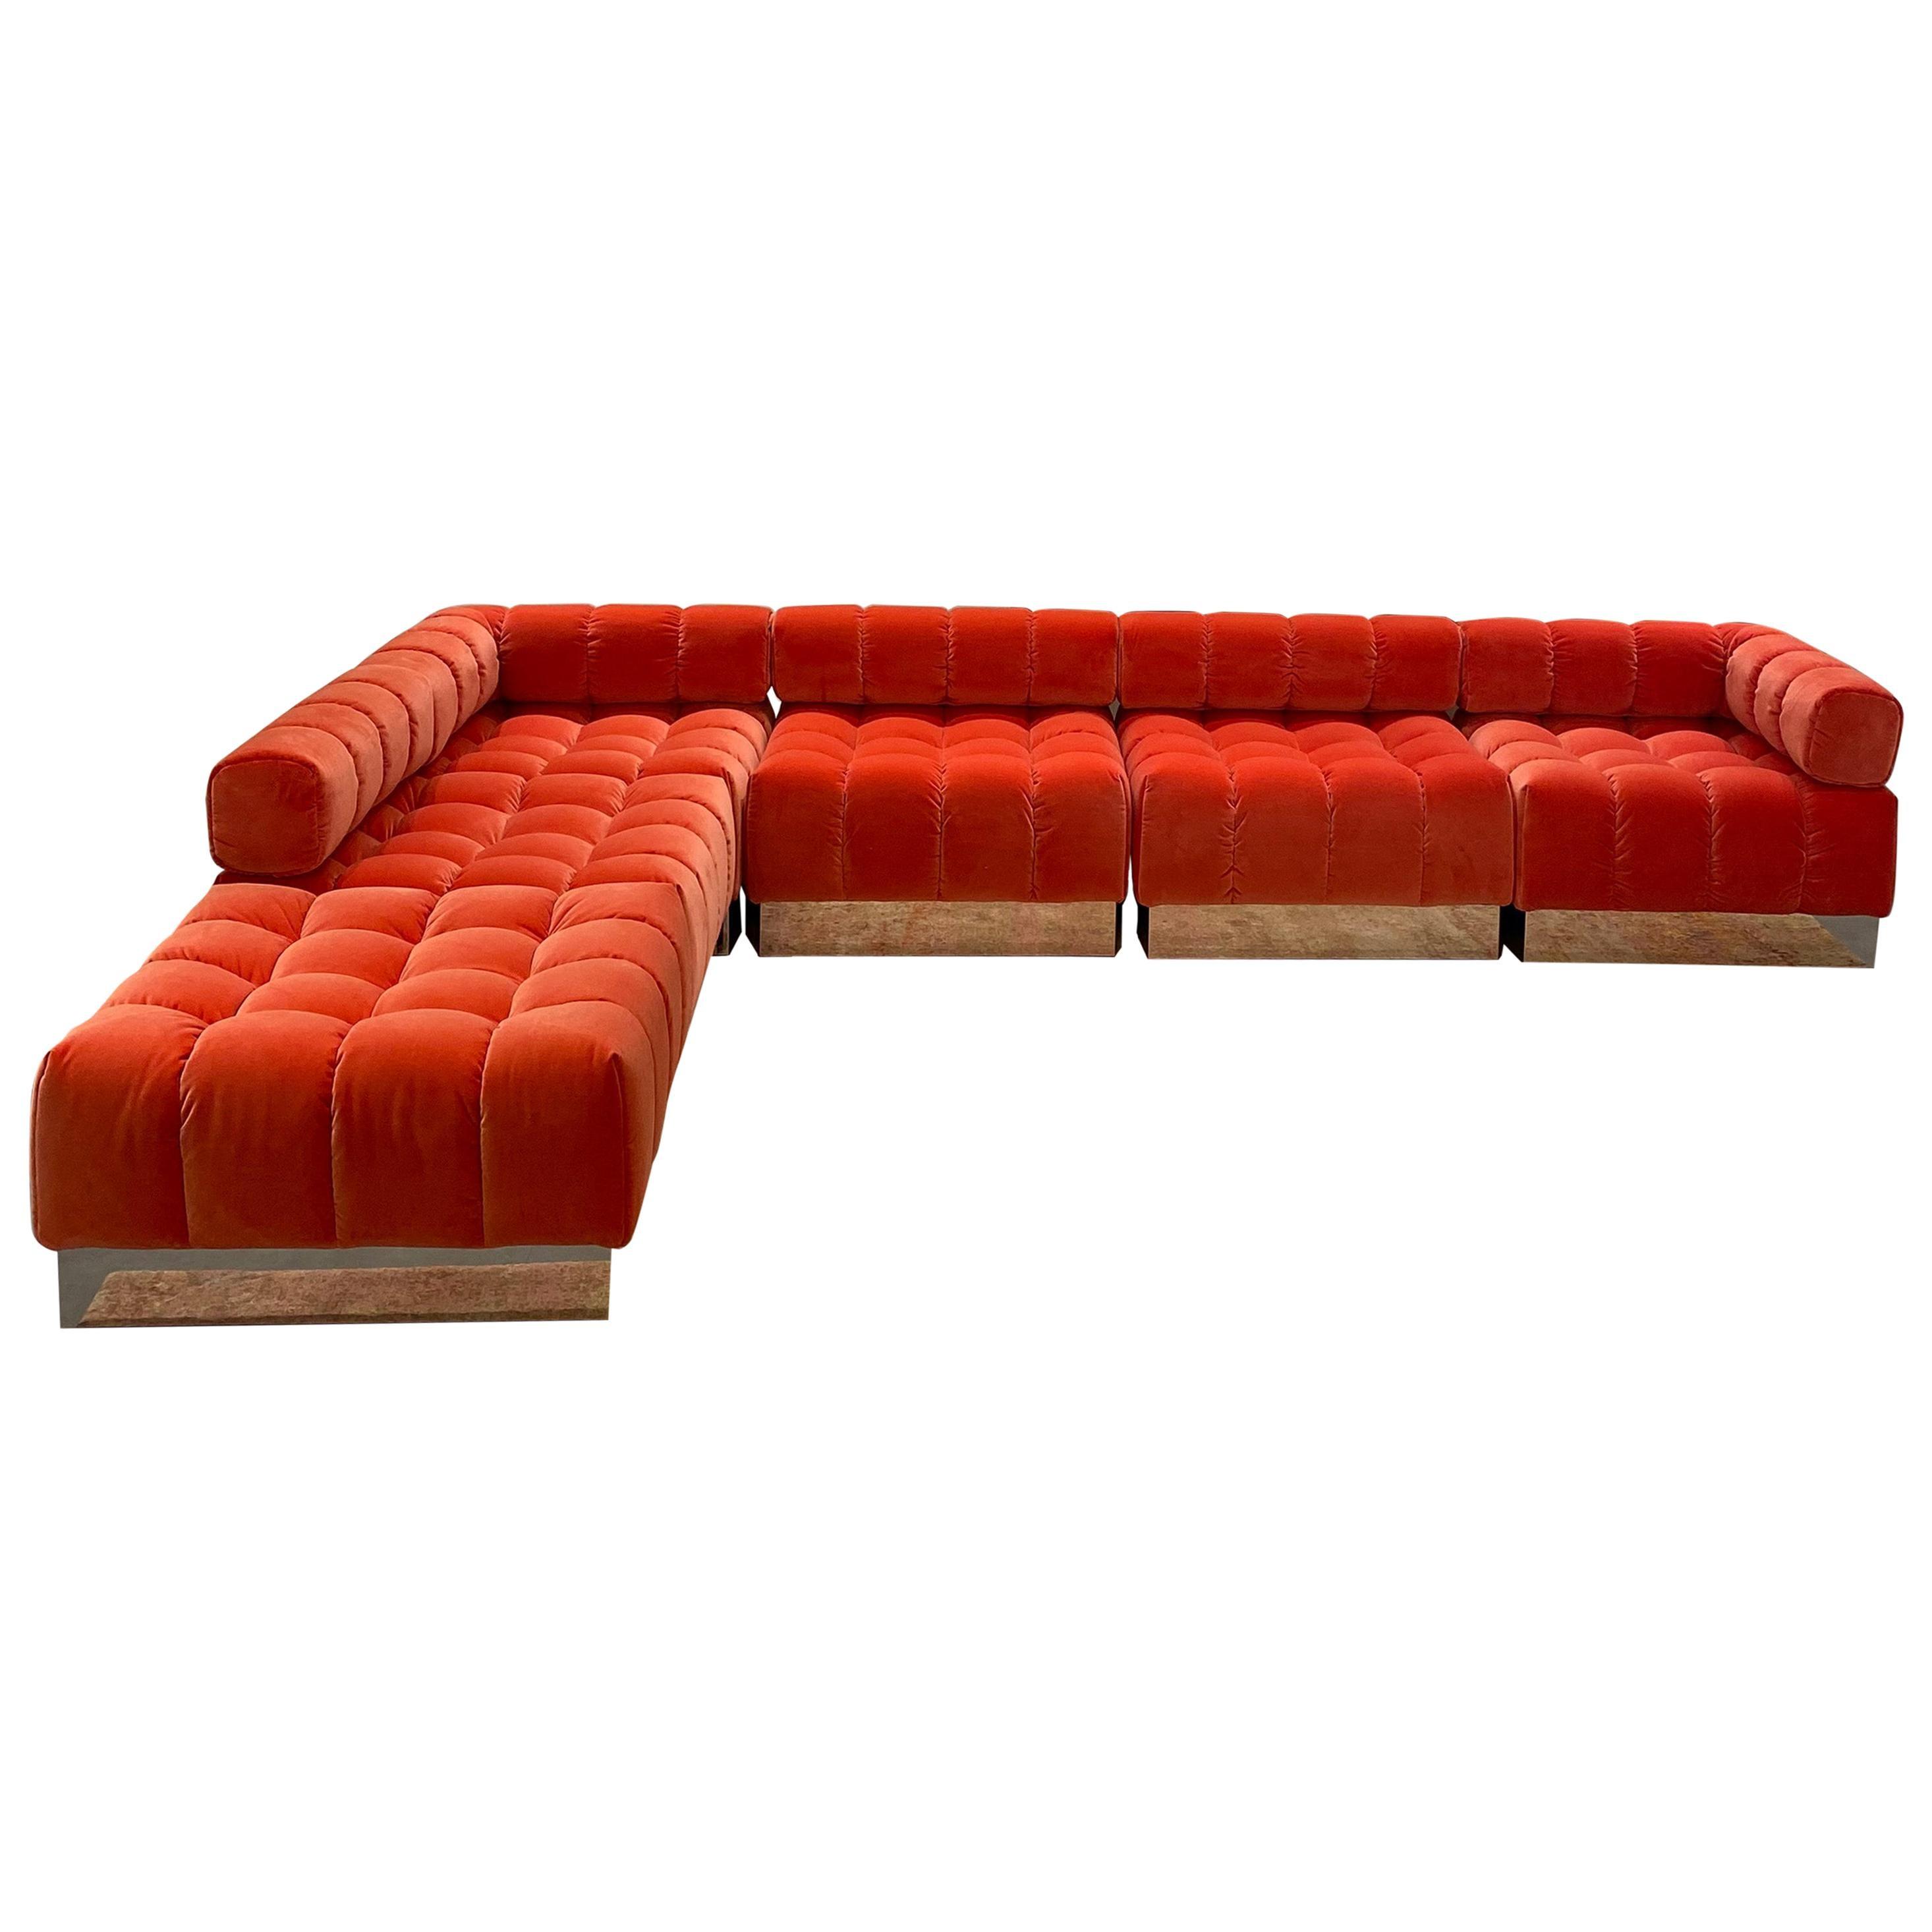 Harvey Probber Modular Deep Tuft Sofa Upholstered in  Raf Simmons Velvet